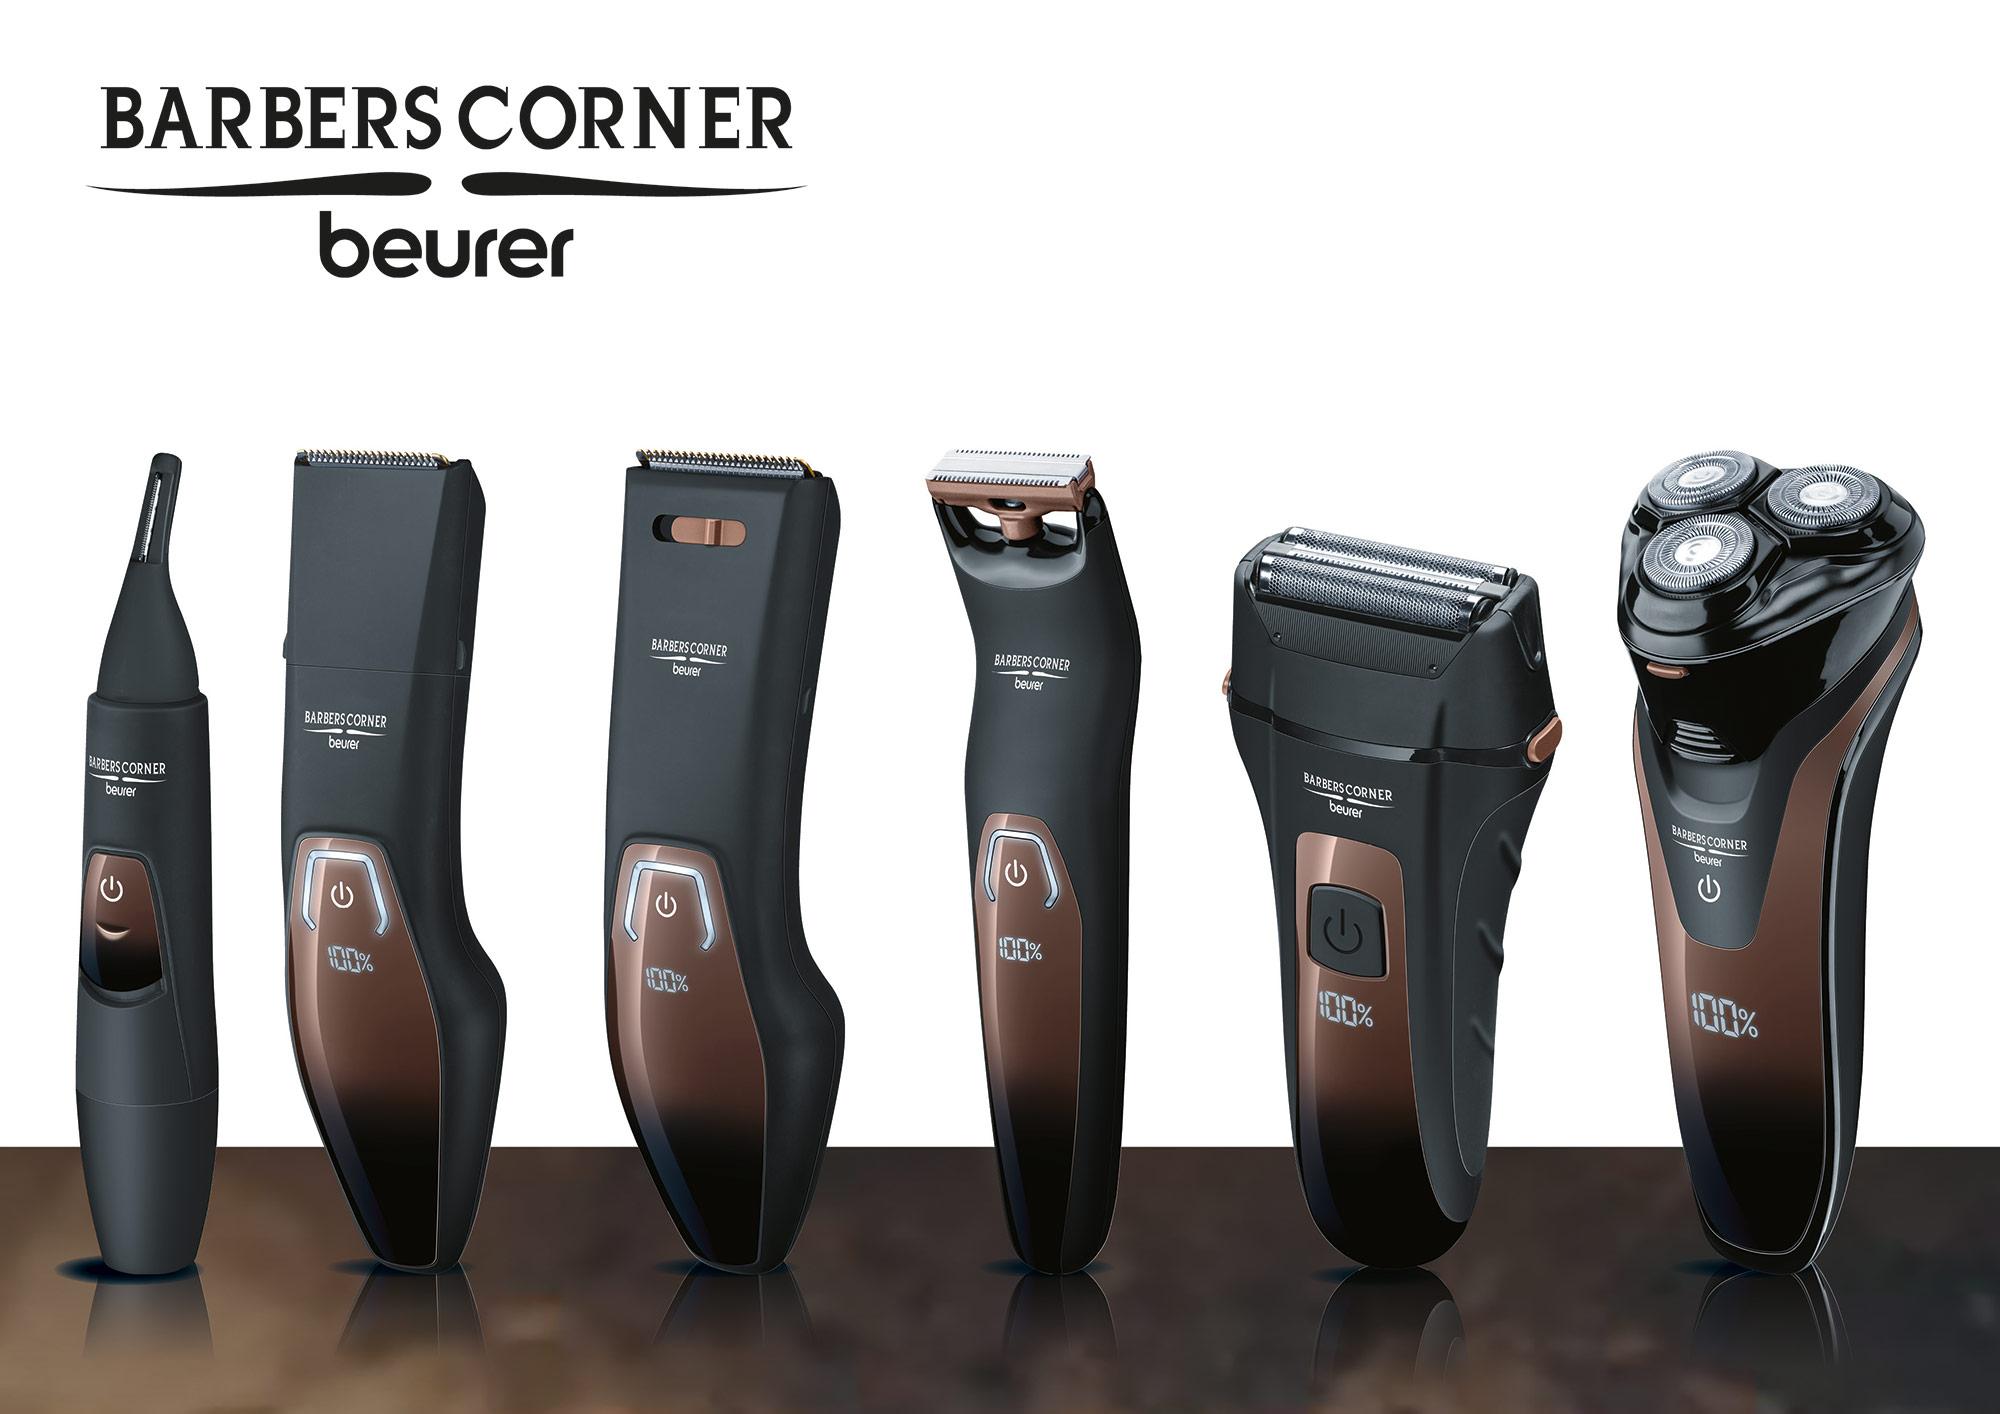 Beurer barbers Corner Range